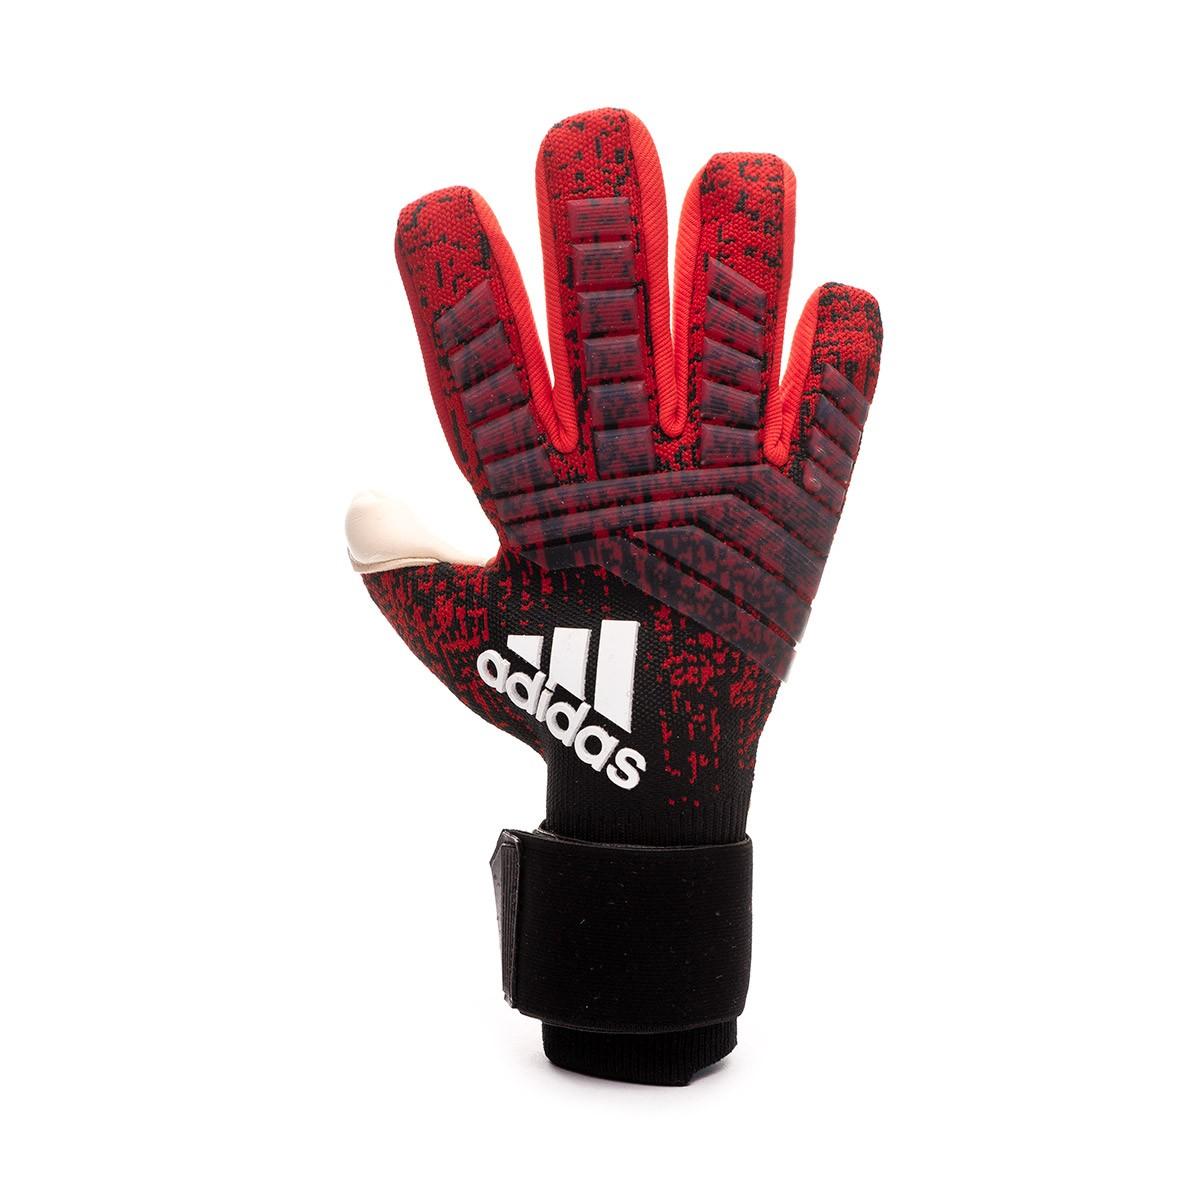 Enriquecimiento estoy feliz Muy lejos  Guante de portero adidas Predator Pro PC Active red-Black-Solar red -  Tienda de fútbol Fútbol Emotion